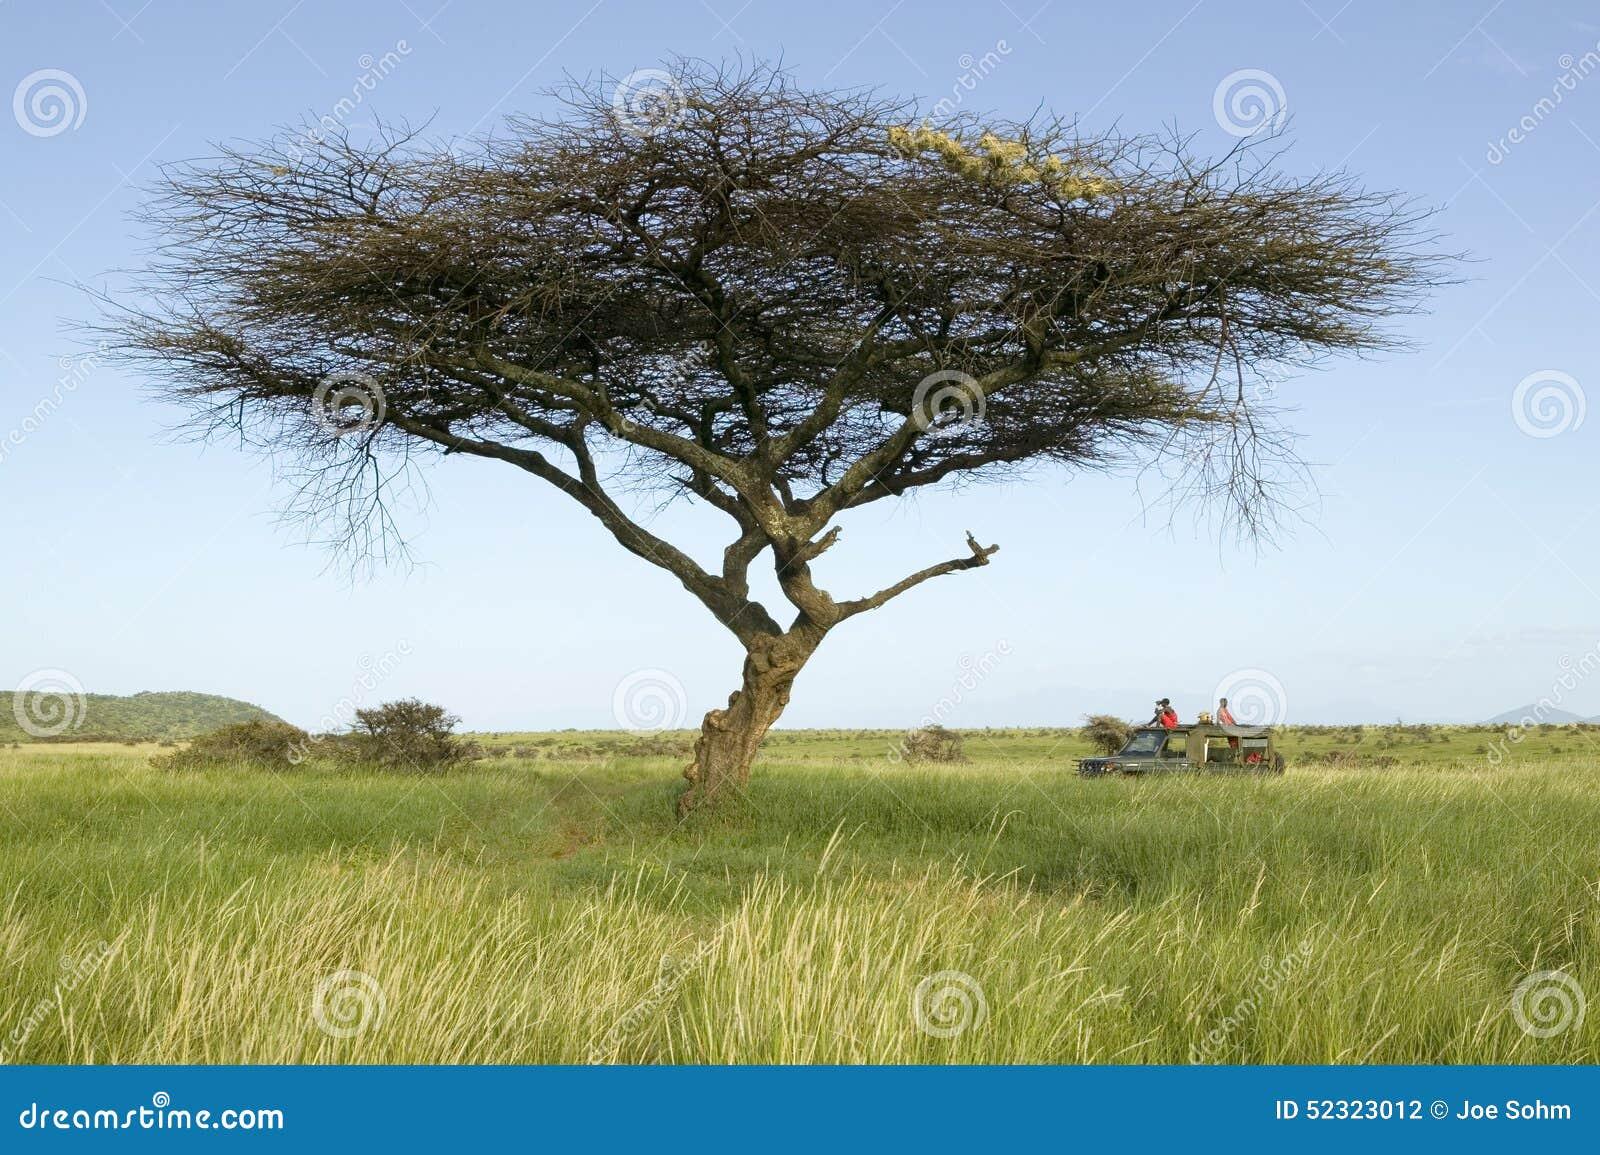 Οδηγοί σαφάρι Masai στο όχημα Landcruiser κάτω από ένα δέντρο ακακιών στη συντήρηση άγριας φύσης Lewa, βόρεια Κένυα, Αφρική